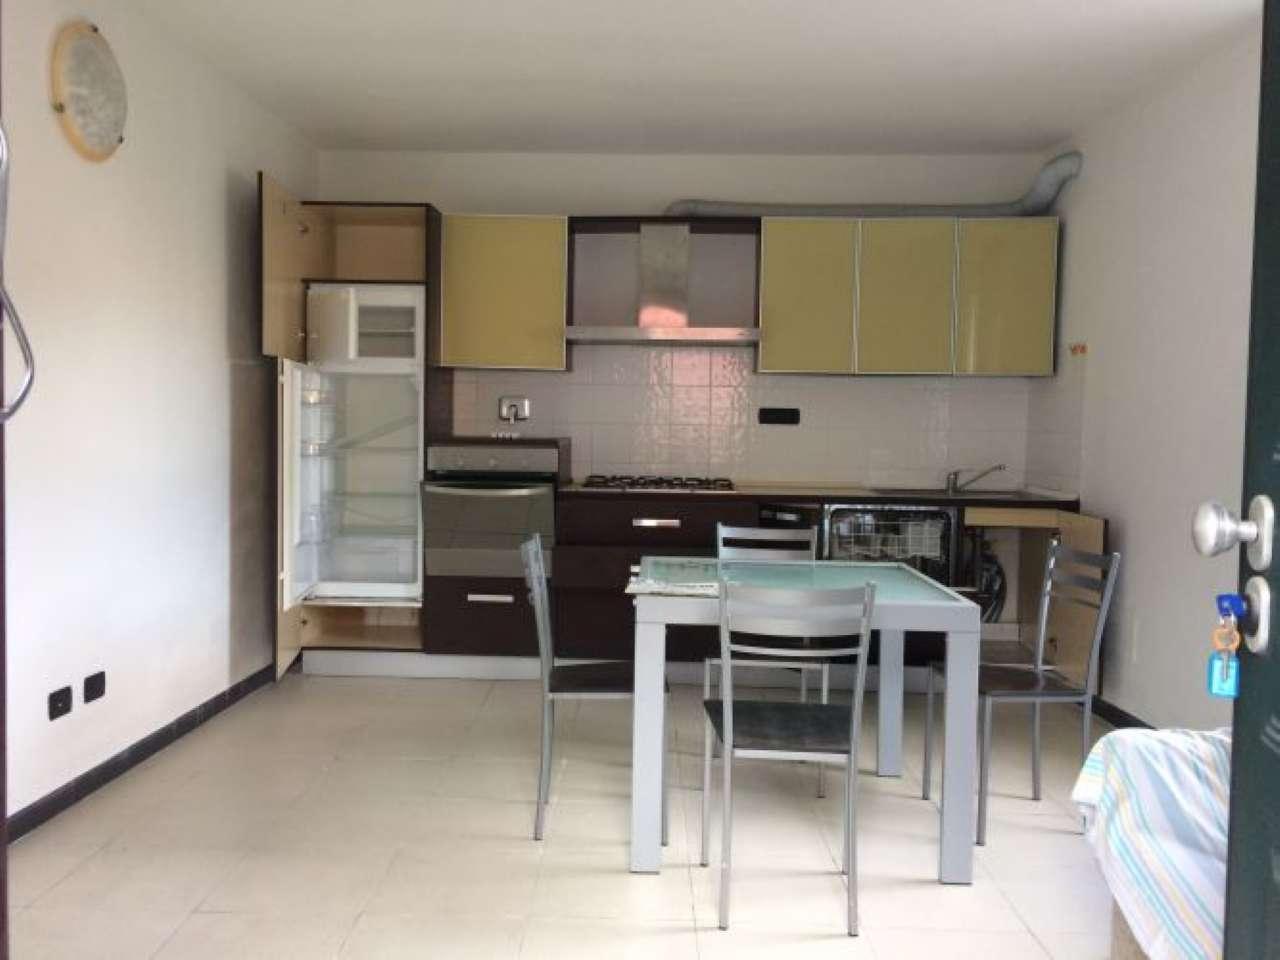 Appartamento in vendita a Arcola, 2 locali, prezzo € 100.000 | CambioCasa.it